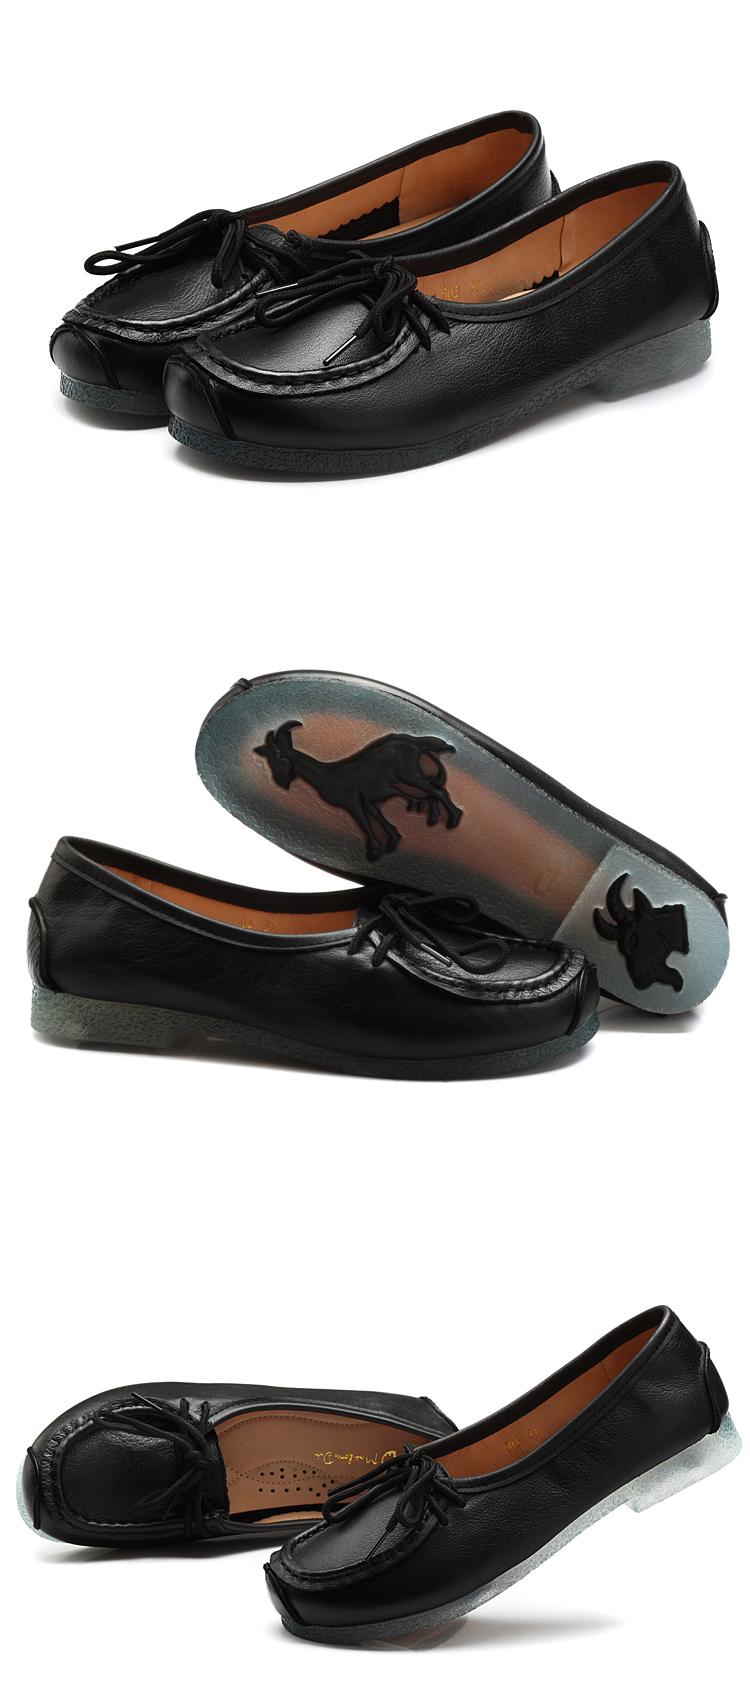 鞋系带软底个性民族风复古休闲女鞋